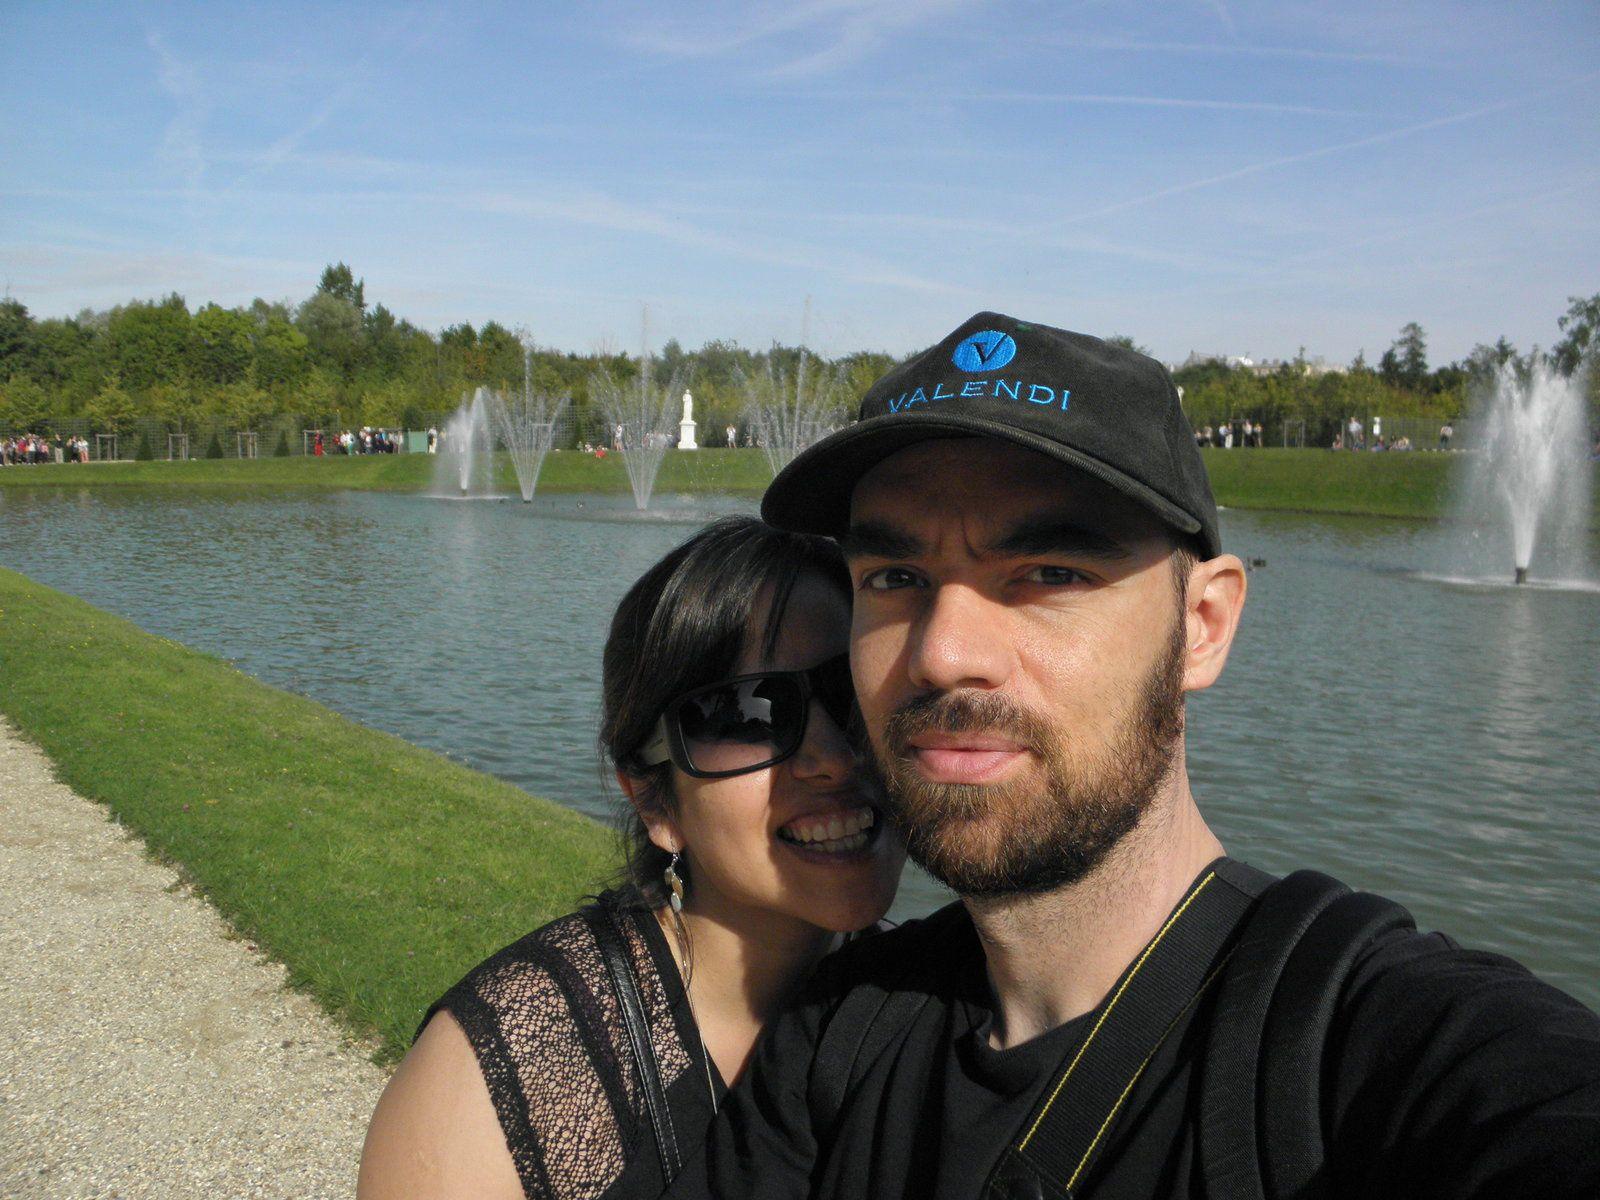 """Septembre 2013. Toujours dans les jardins de Versailles à l'occasion d'une journée intitulée """"Les grandes eaux"""". Ils mettent en route à heures précises les fontaines des jardins."""